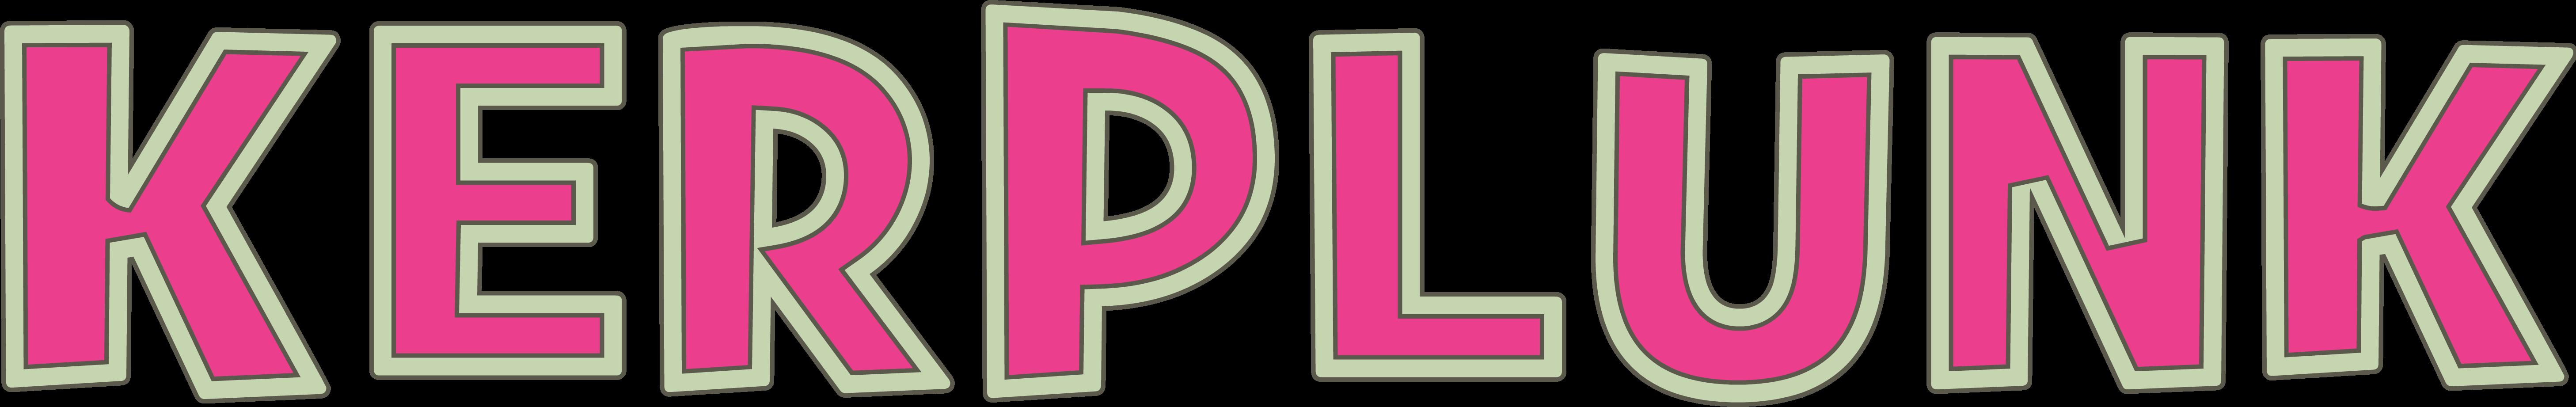 Kerplunk's Logo